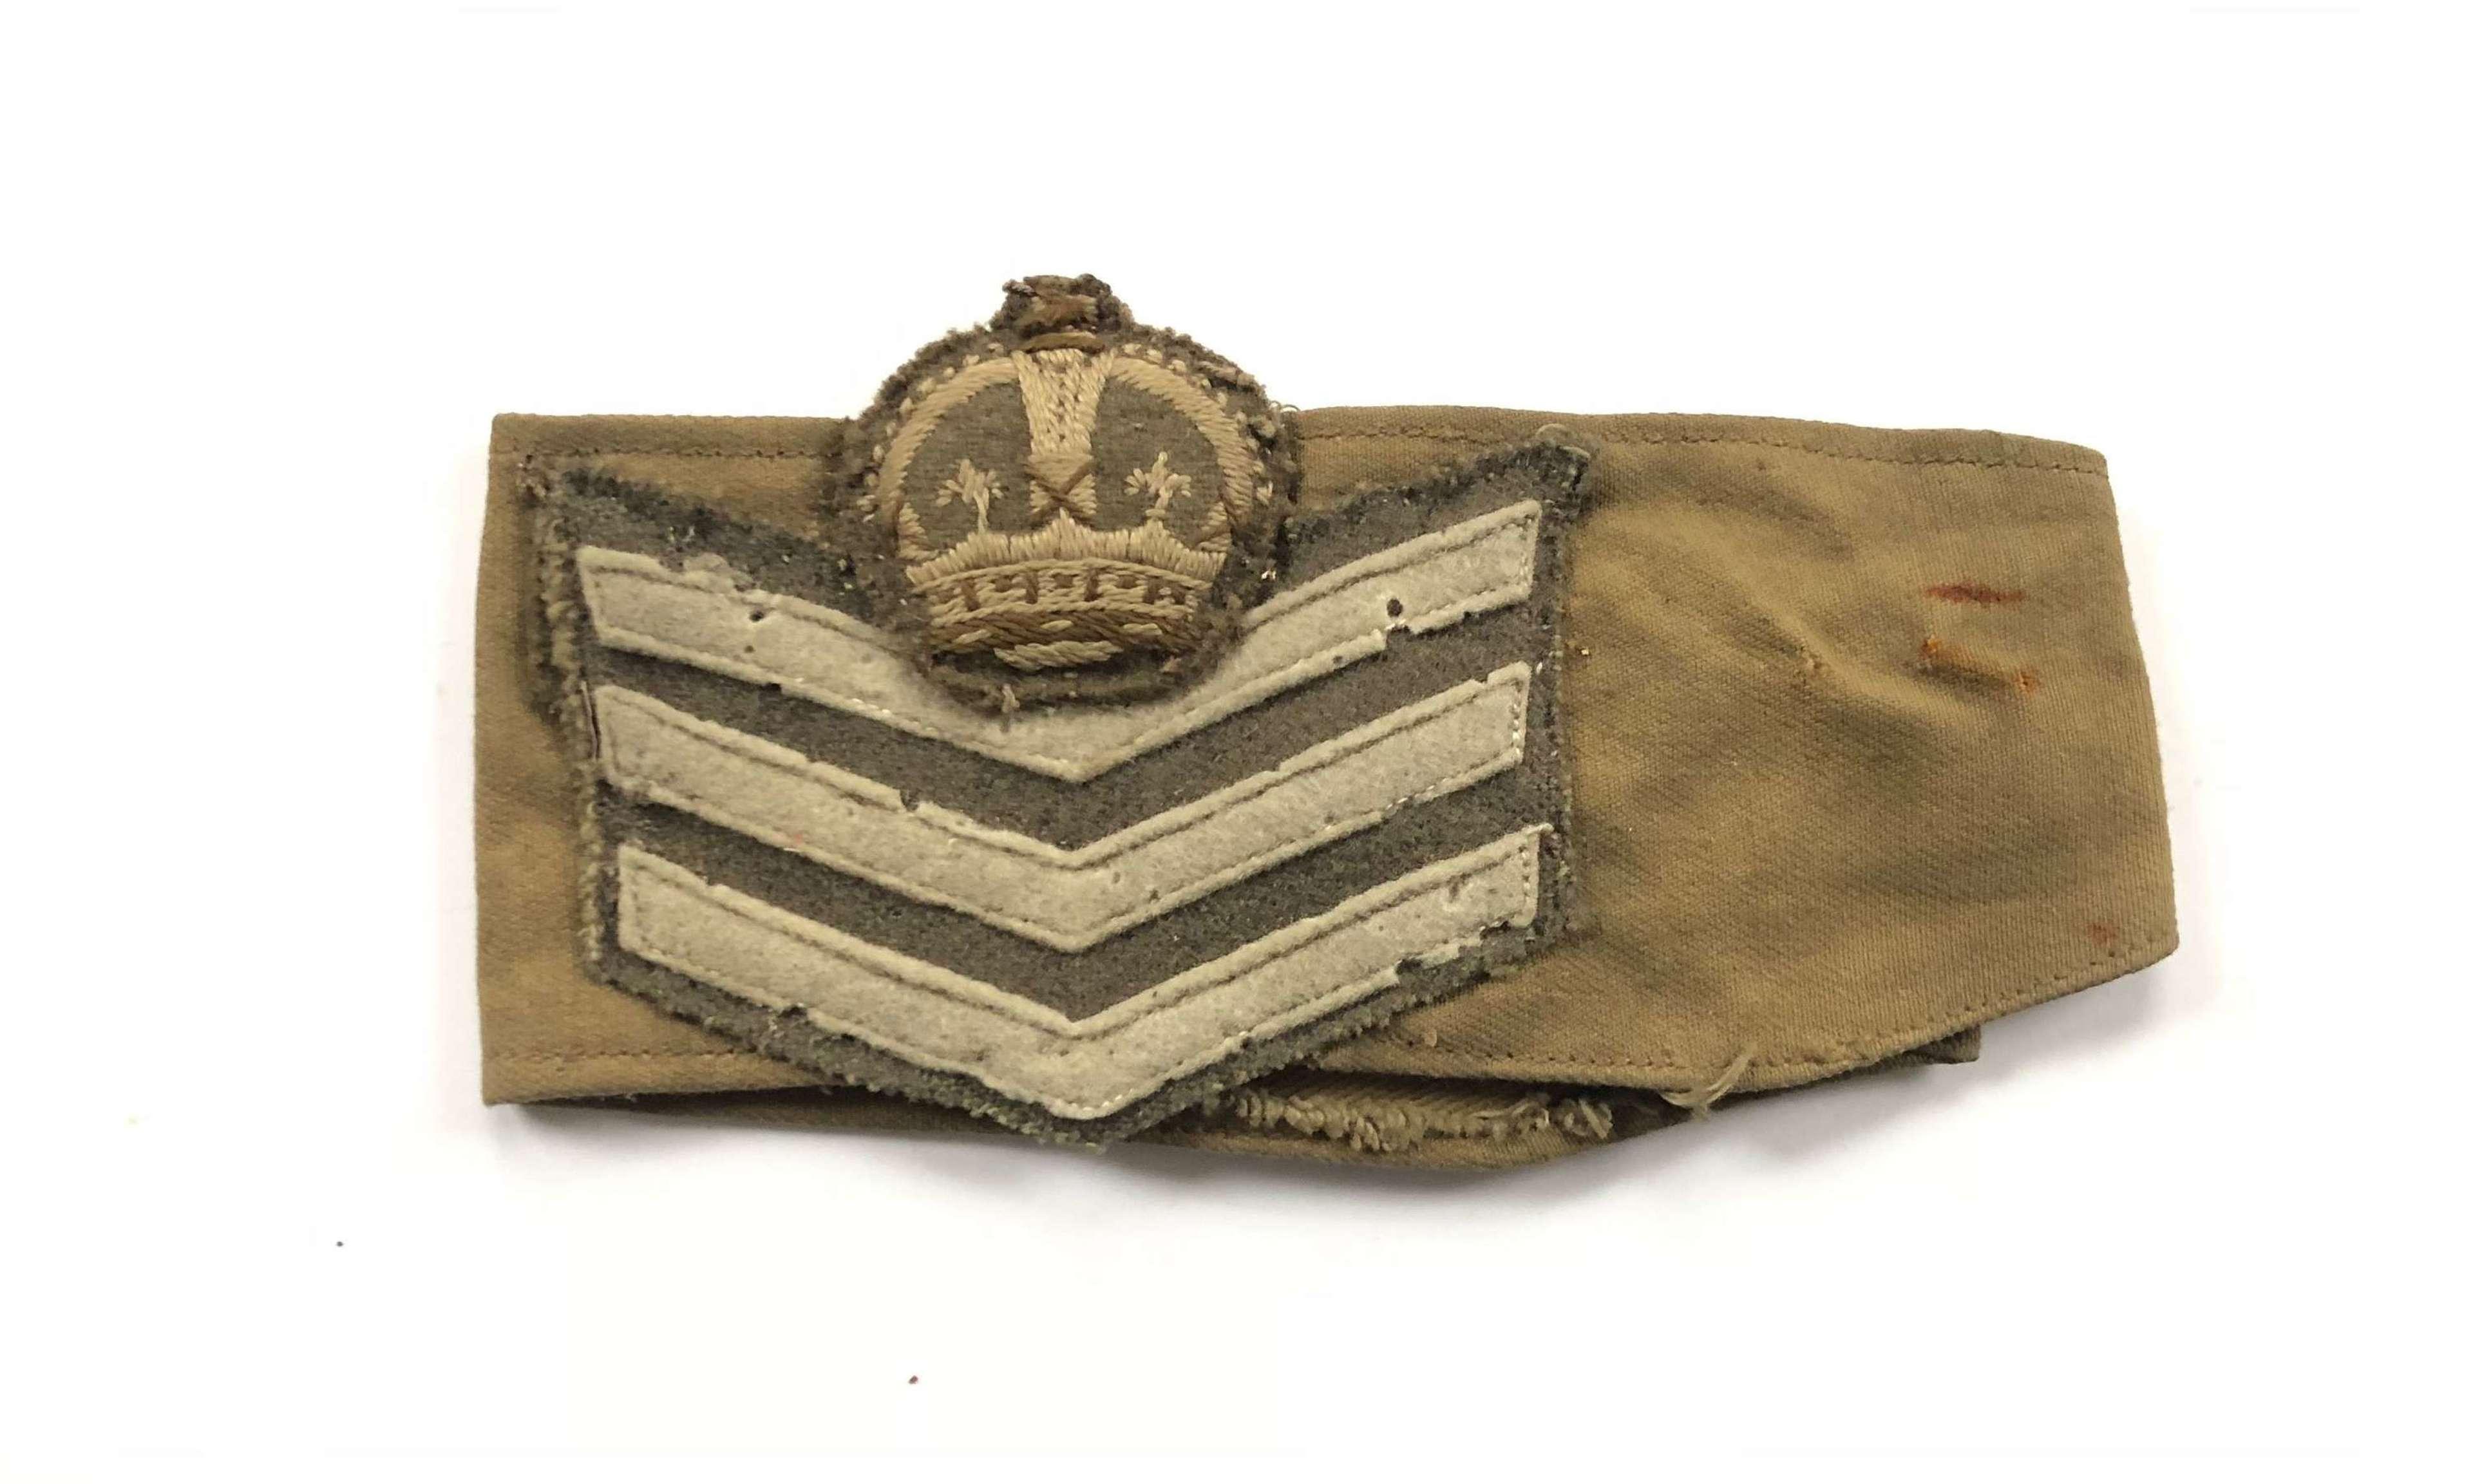 WW2 Period Sergeant Major Rank Armband.